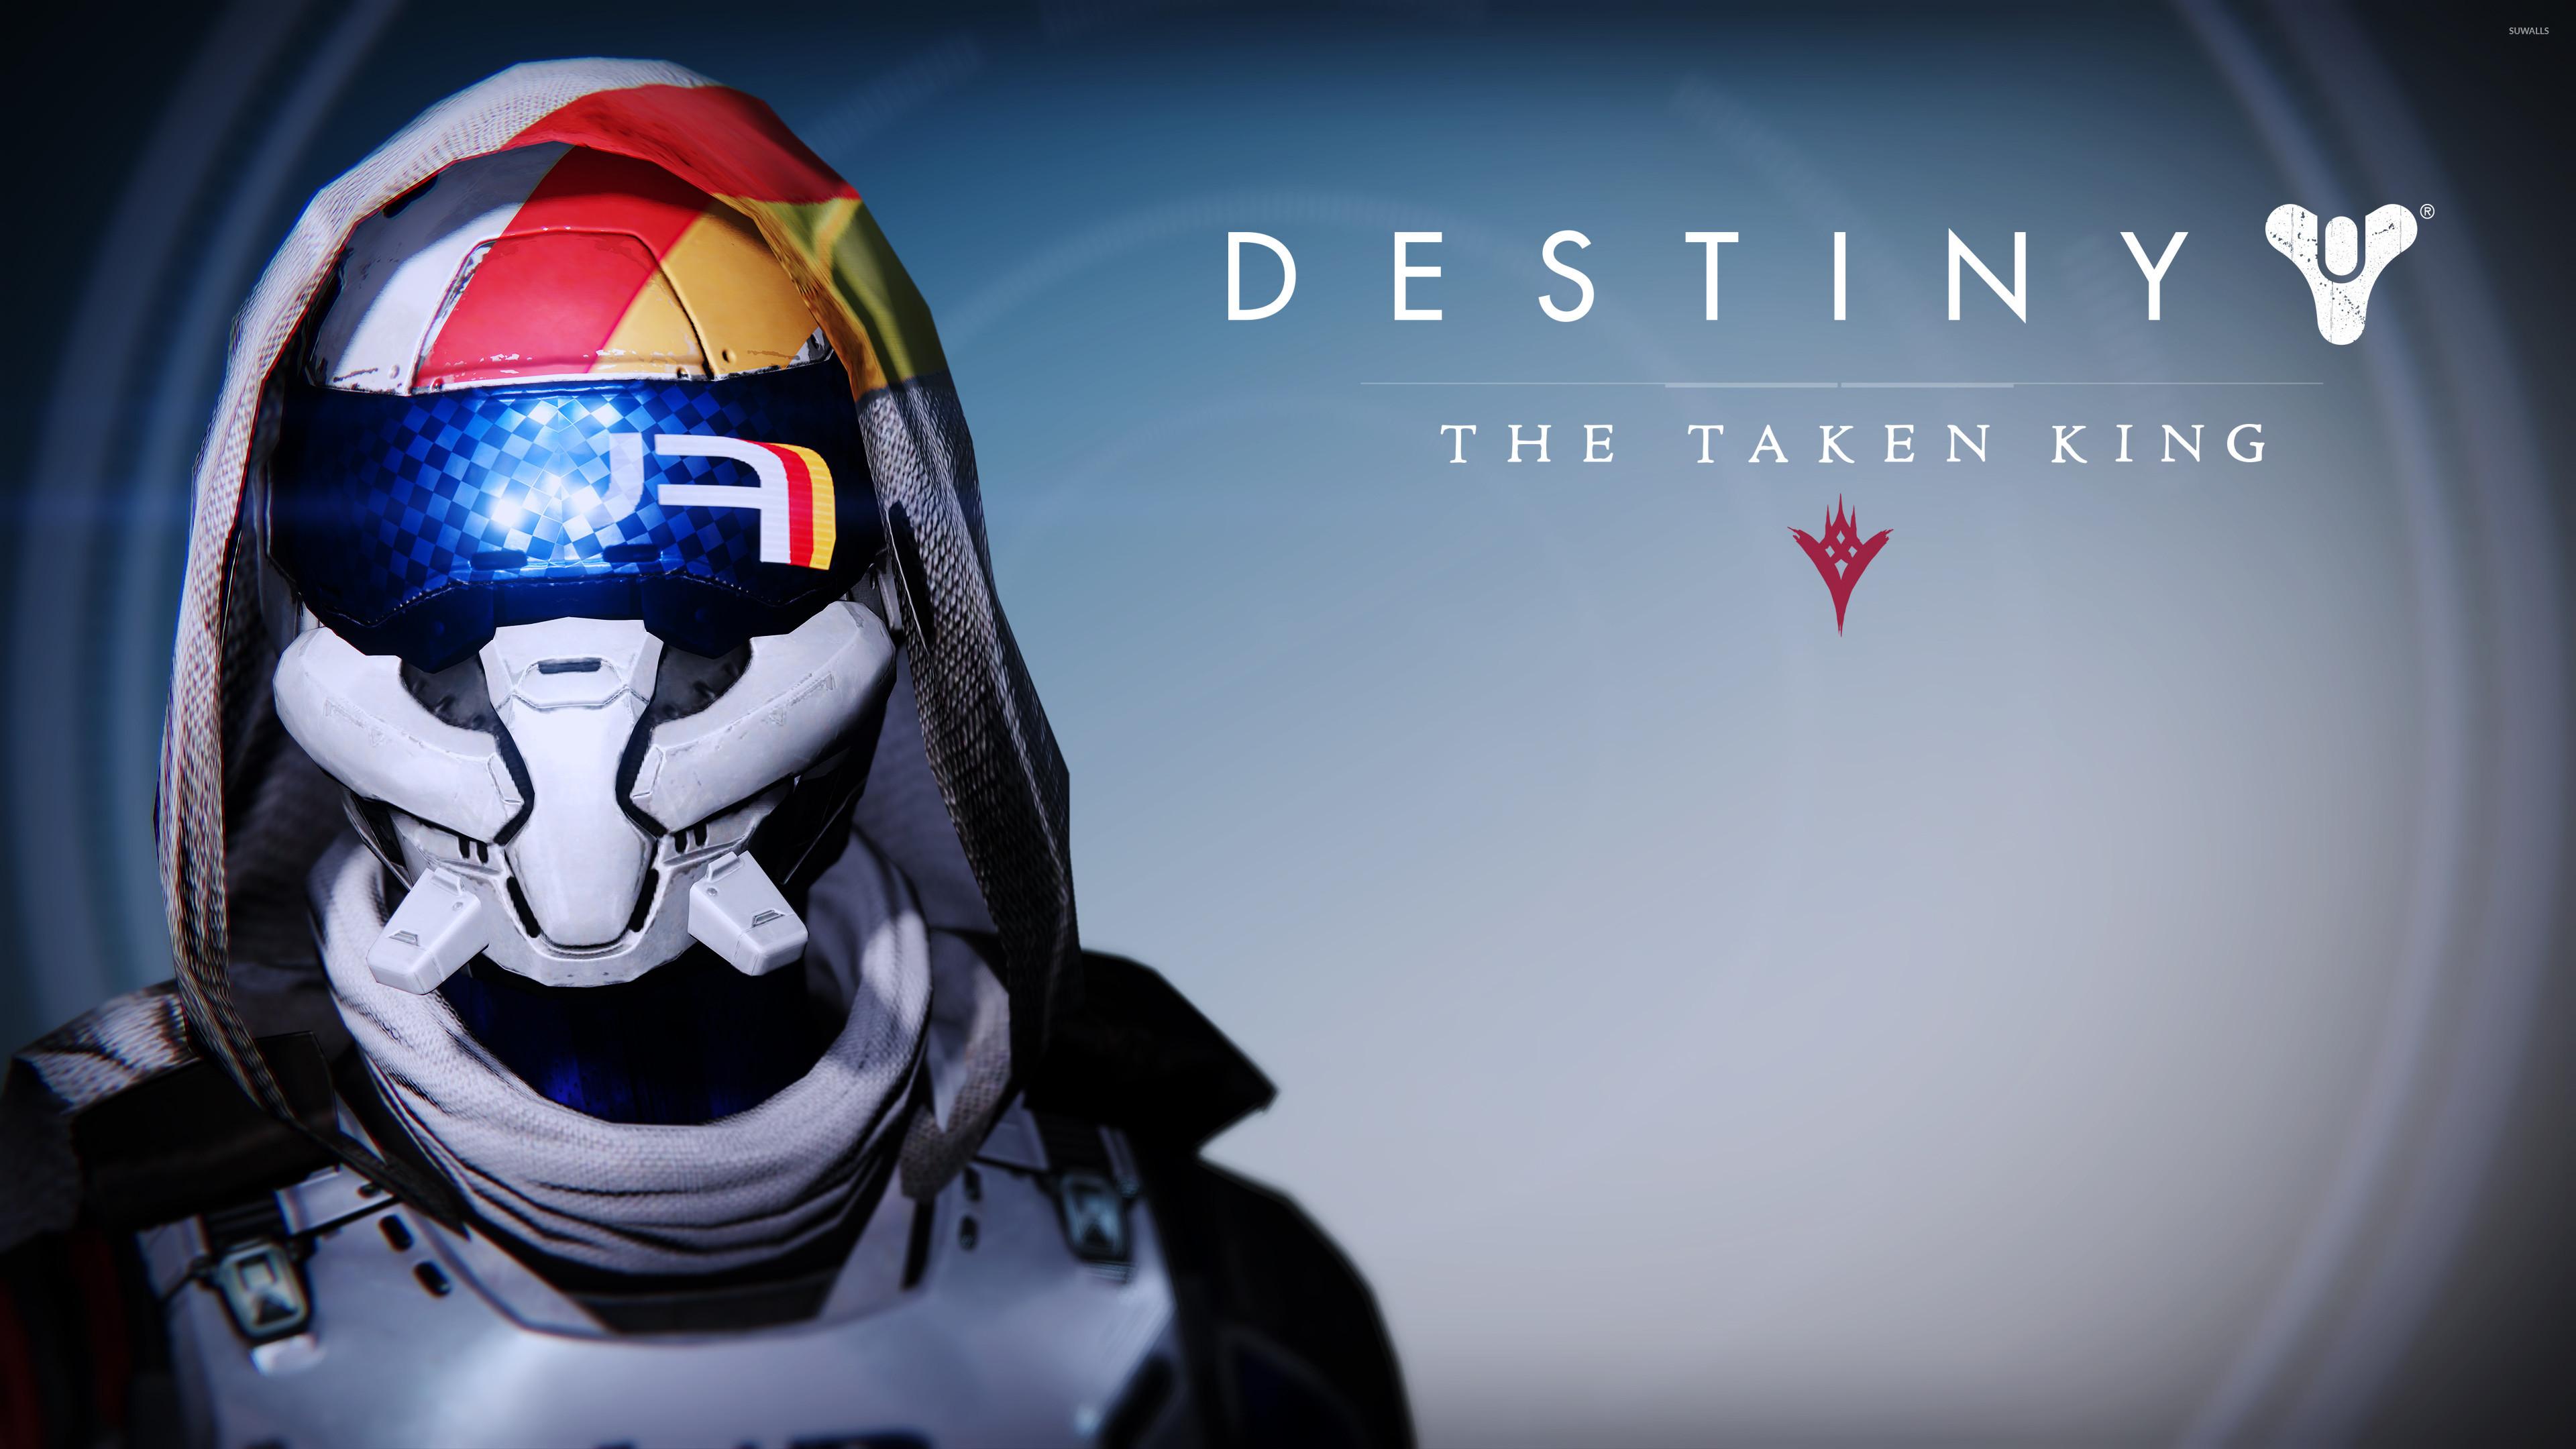 FWC Hunter female helmet – Destiny: The Taken King wallpaper jpg